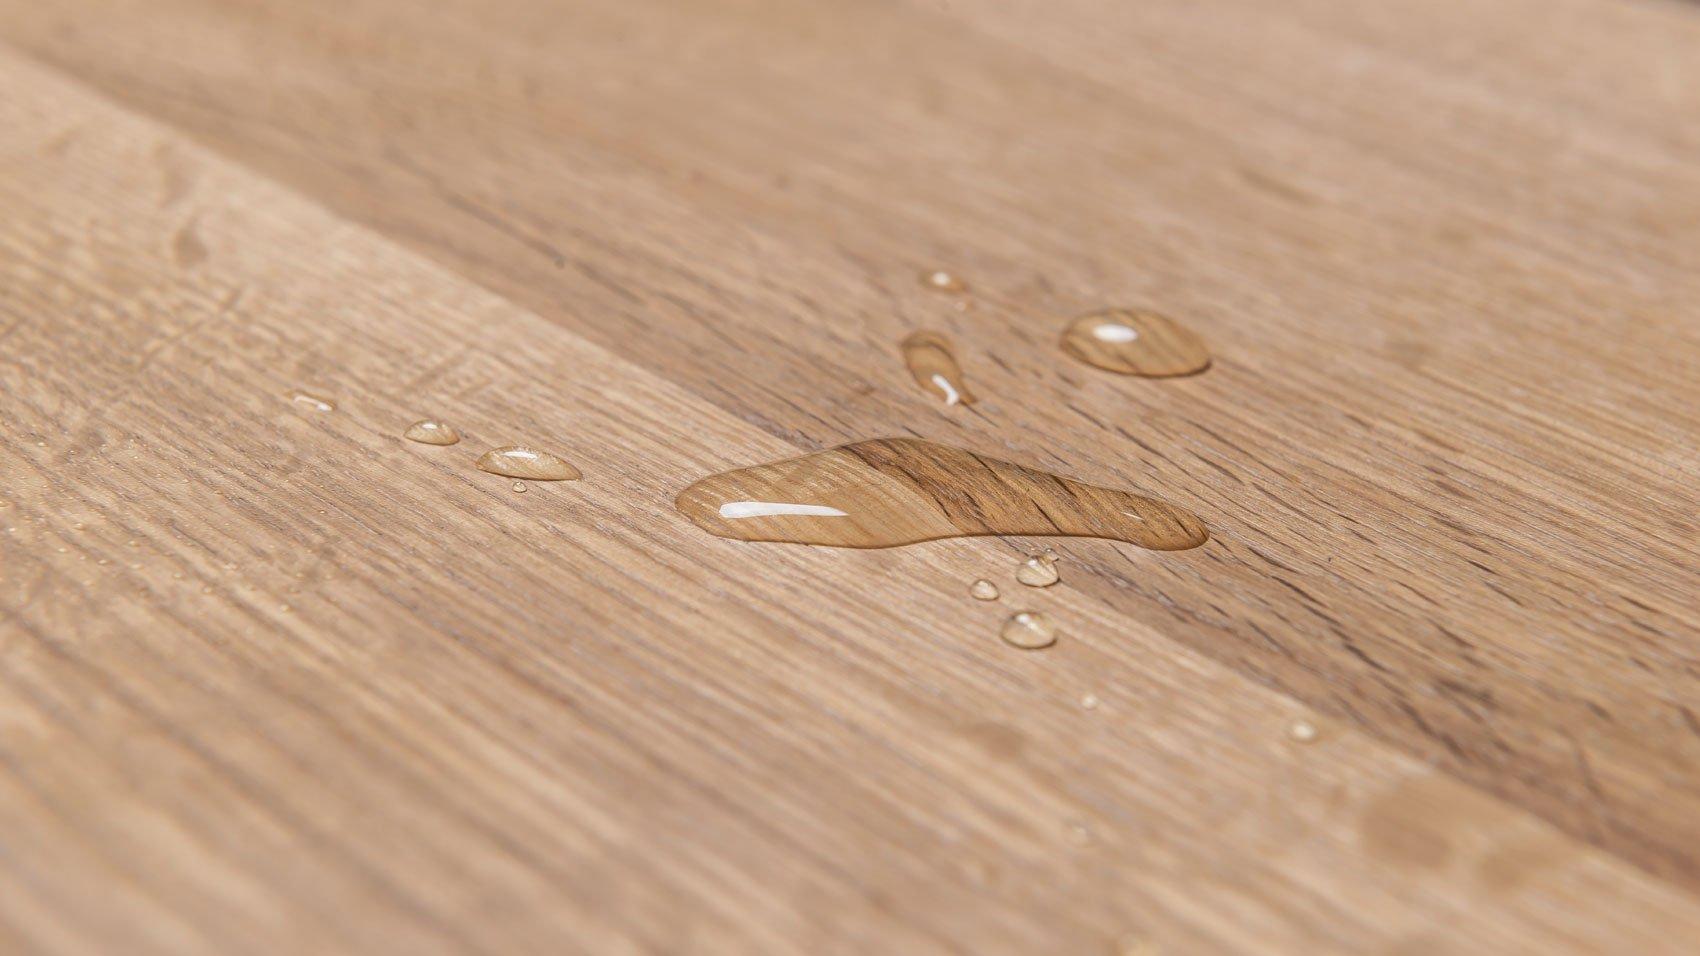 Jak impregnować blat stołu? Olej czy lakier czy olejowosk? Baza wiedzy Hoom